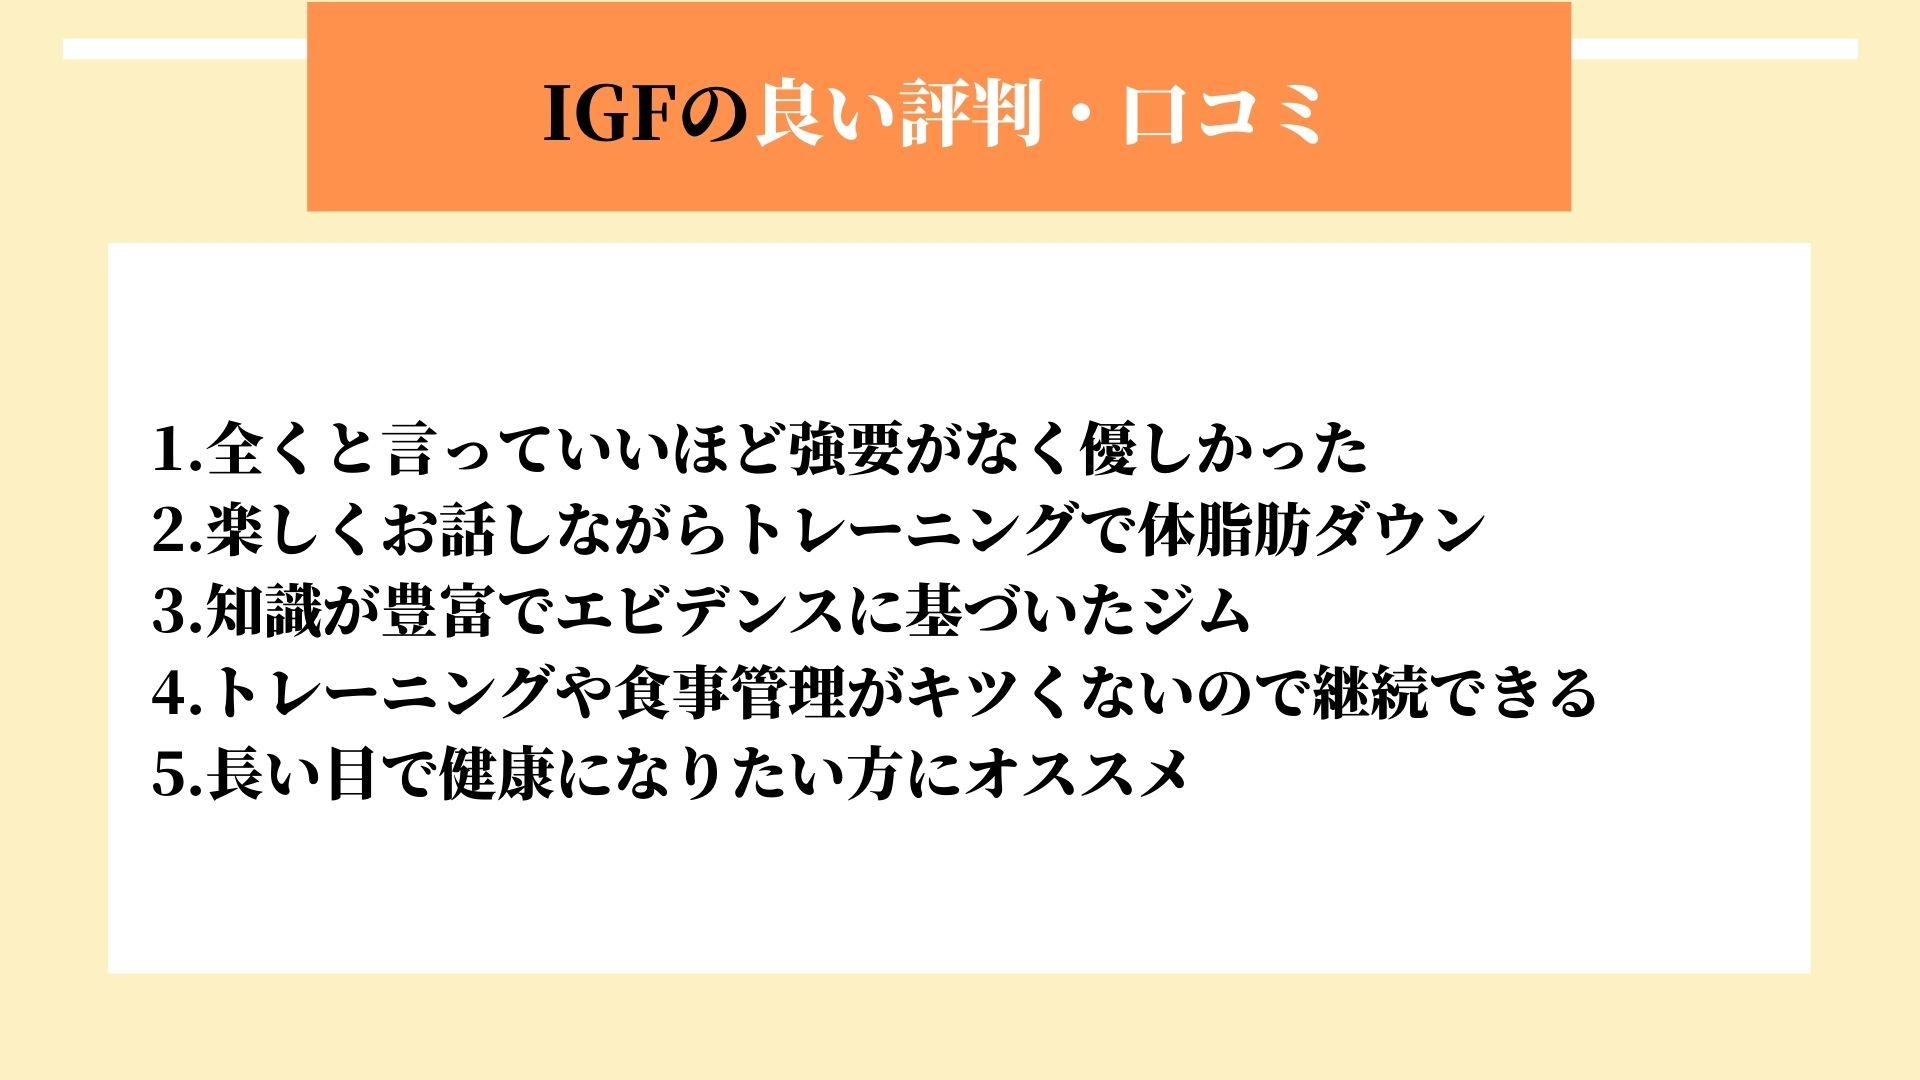 IGF 良い評判